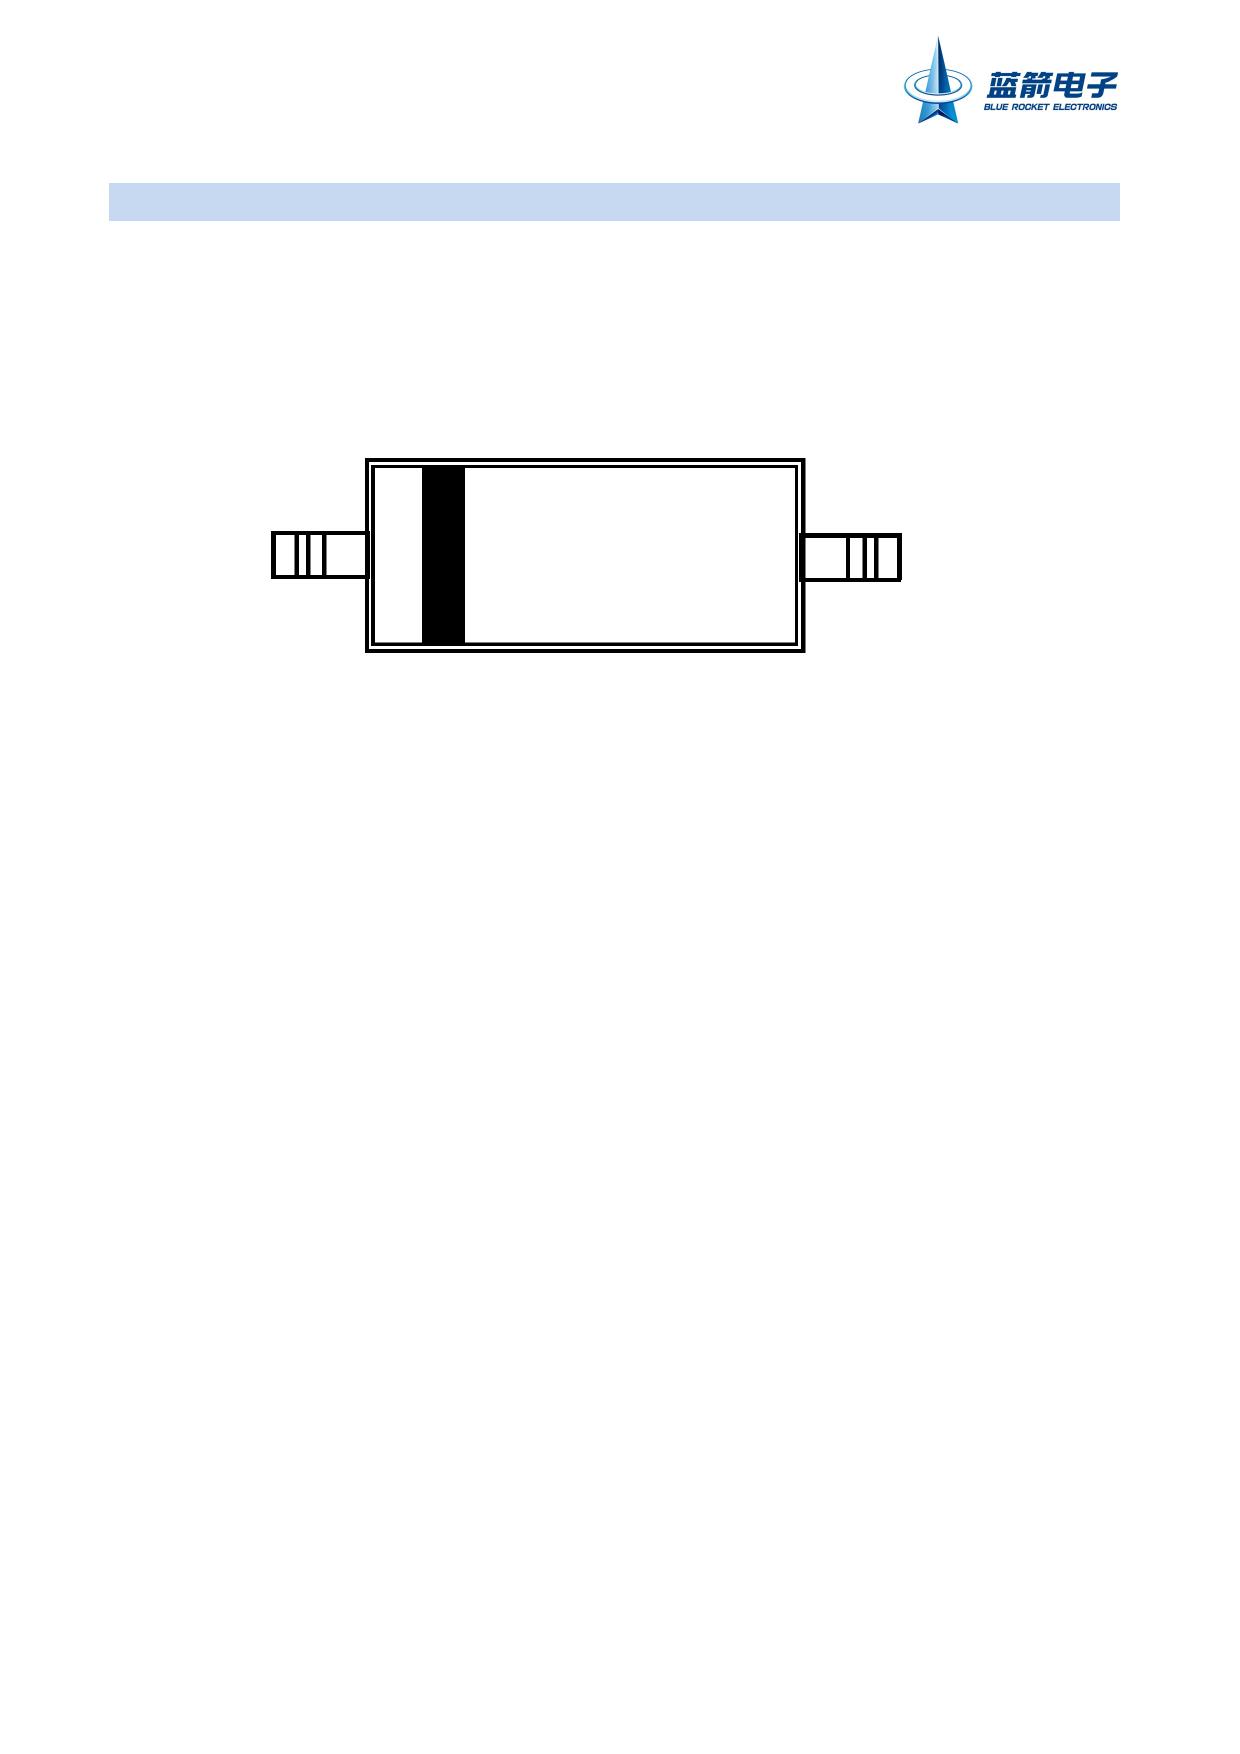 B0520LW pdf